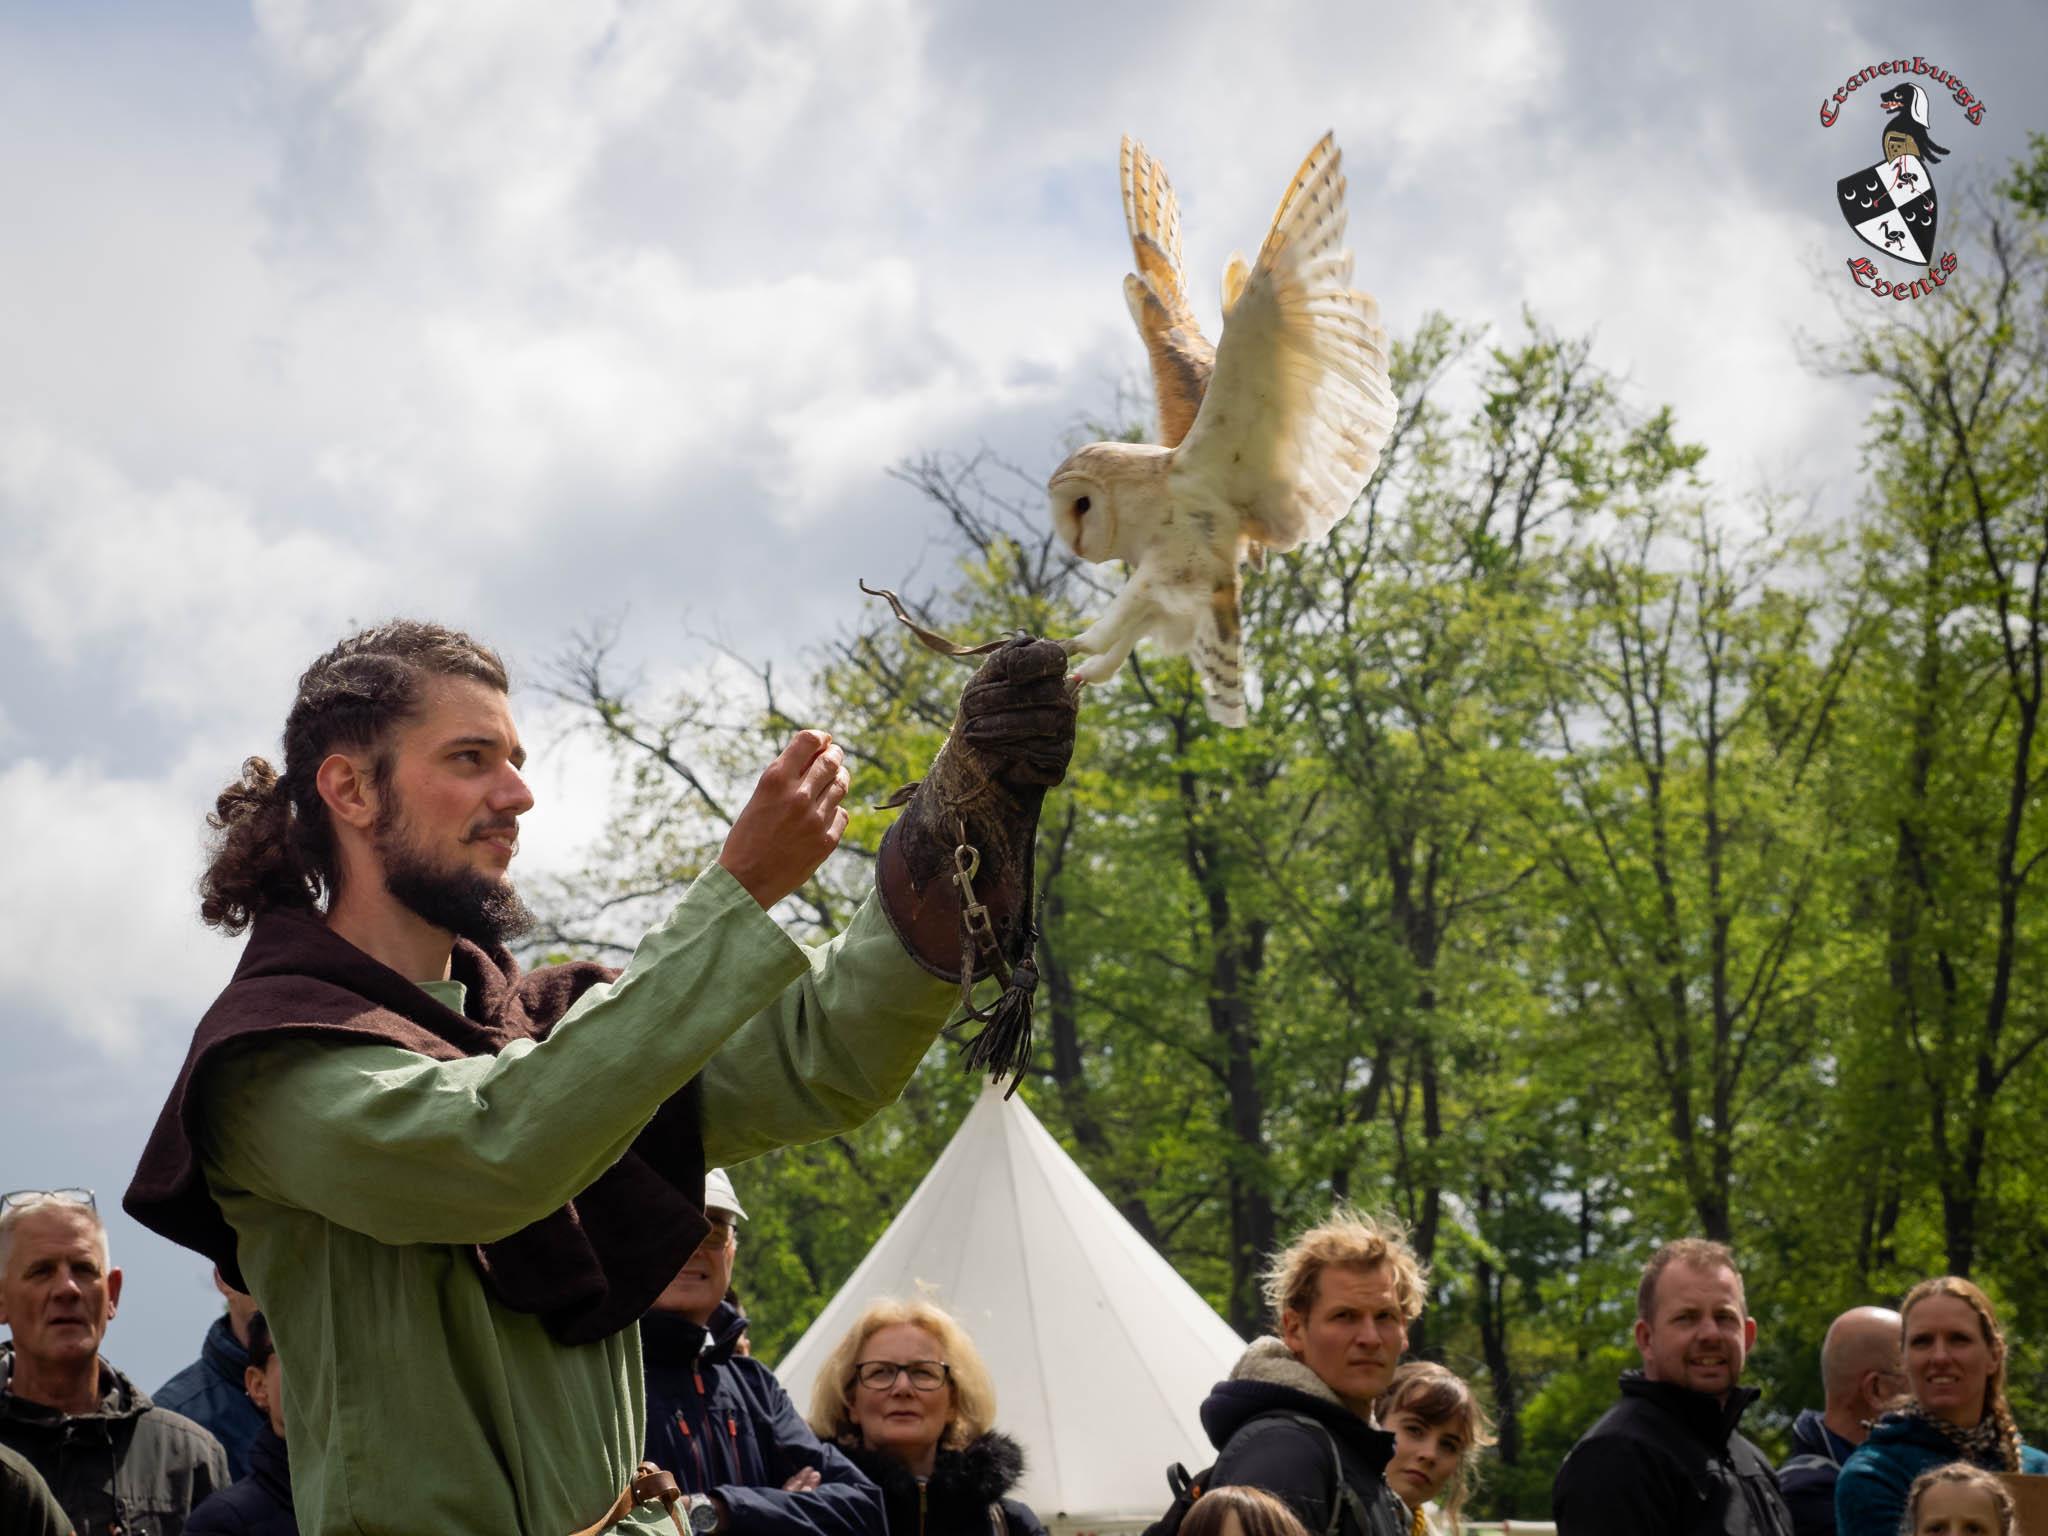 Middeleeuws-Festijn-Cannenburgh-2019-Ellen-la-Faille-22